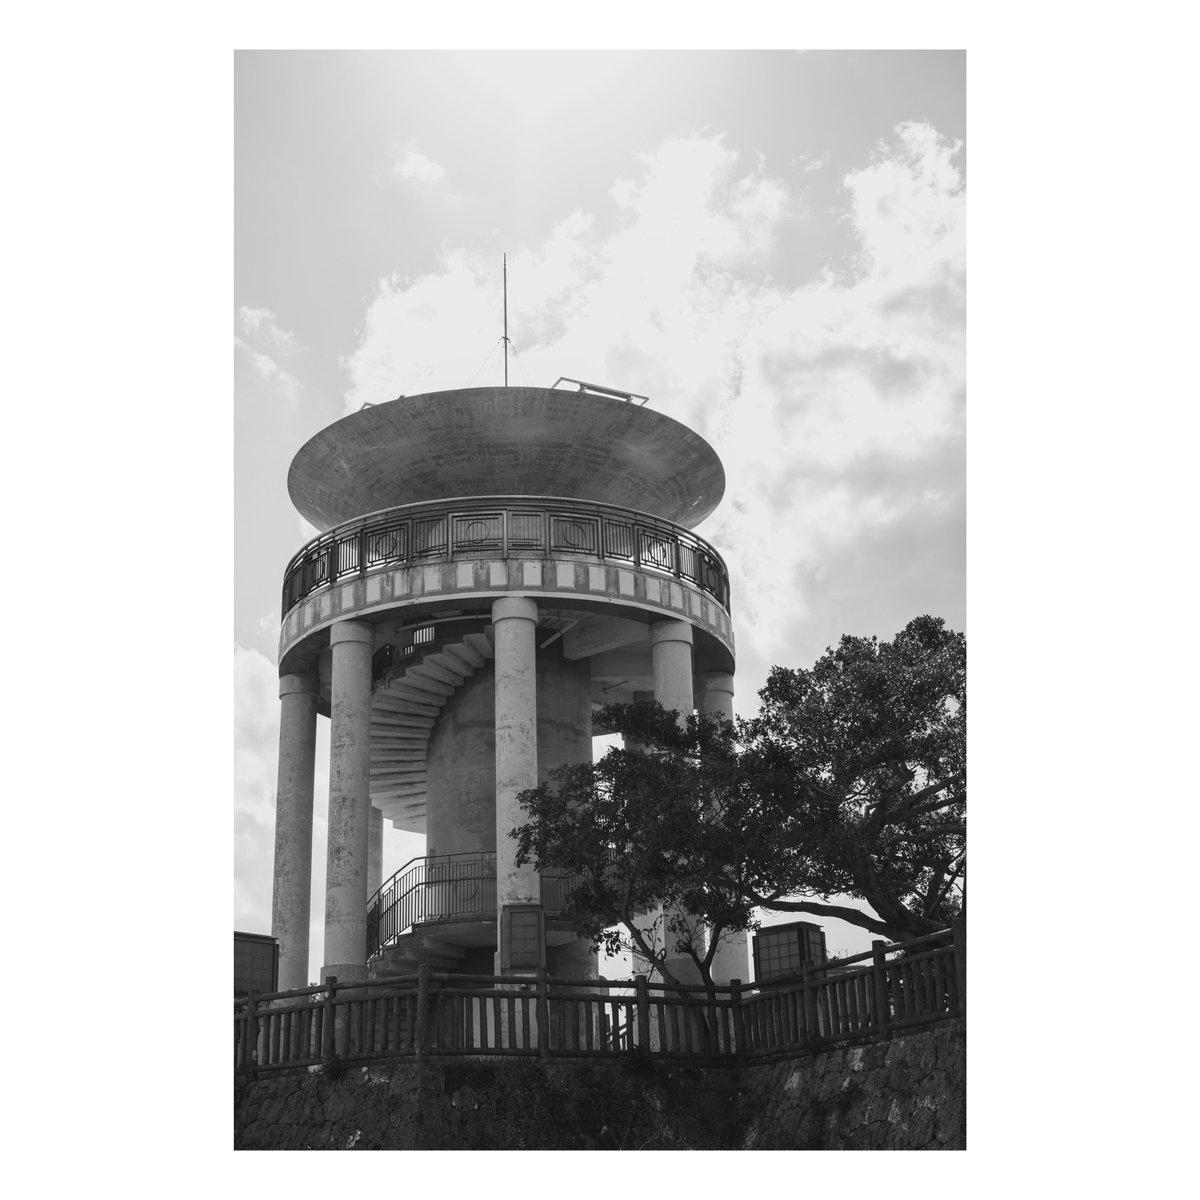 展望台。 #写真 #ファインダー越しの私の世界  #写真シェア #写真好きと繋がりたい #monochrome #モノクロ #モノクロの世界 #Nikon #Z6 #Z2470F4 #お写ん歩 #vsco